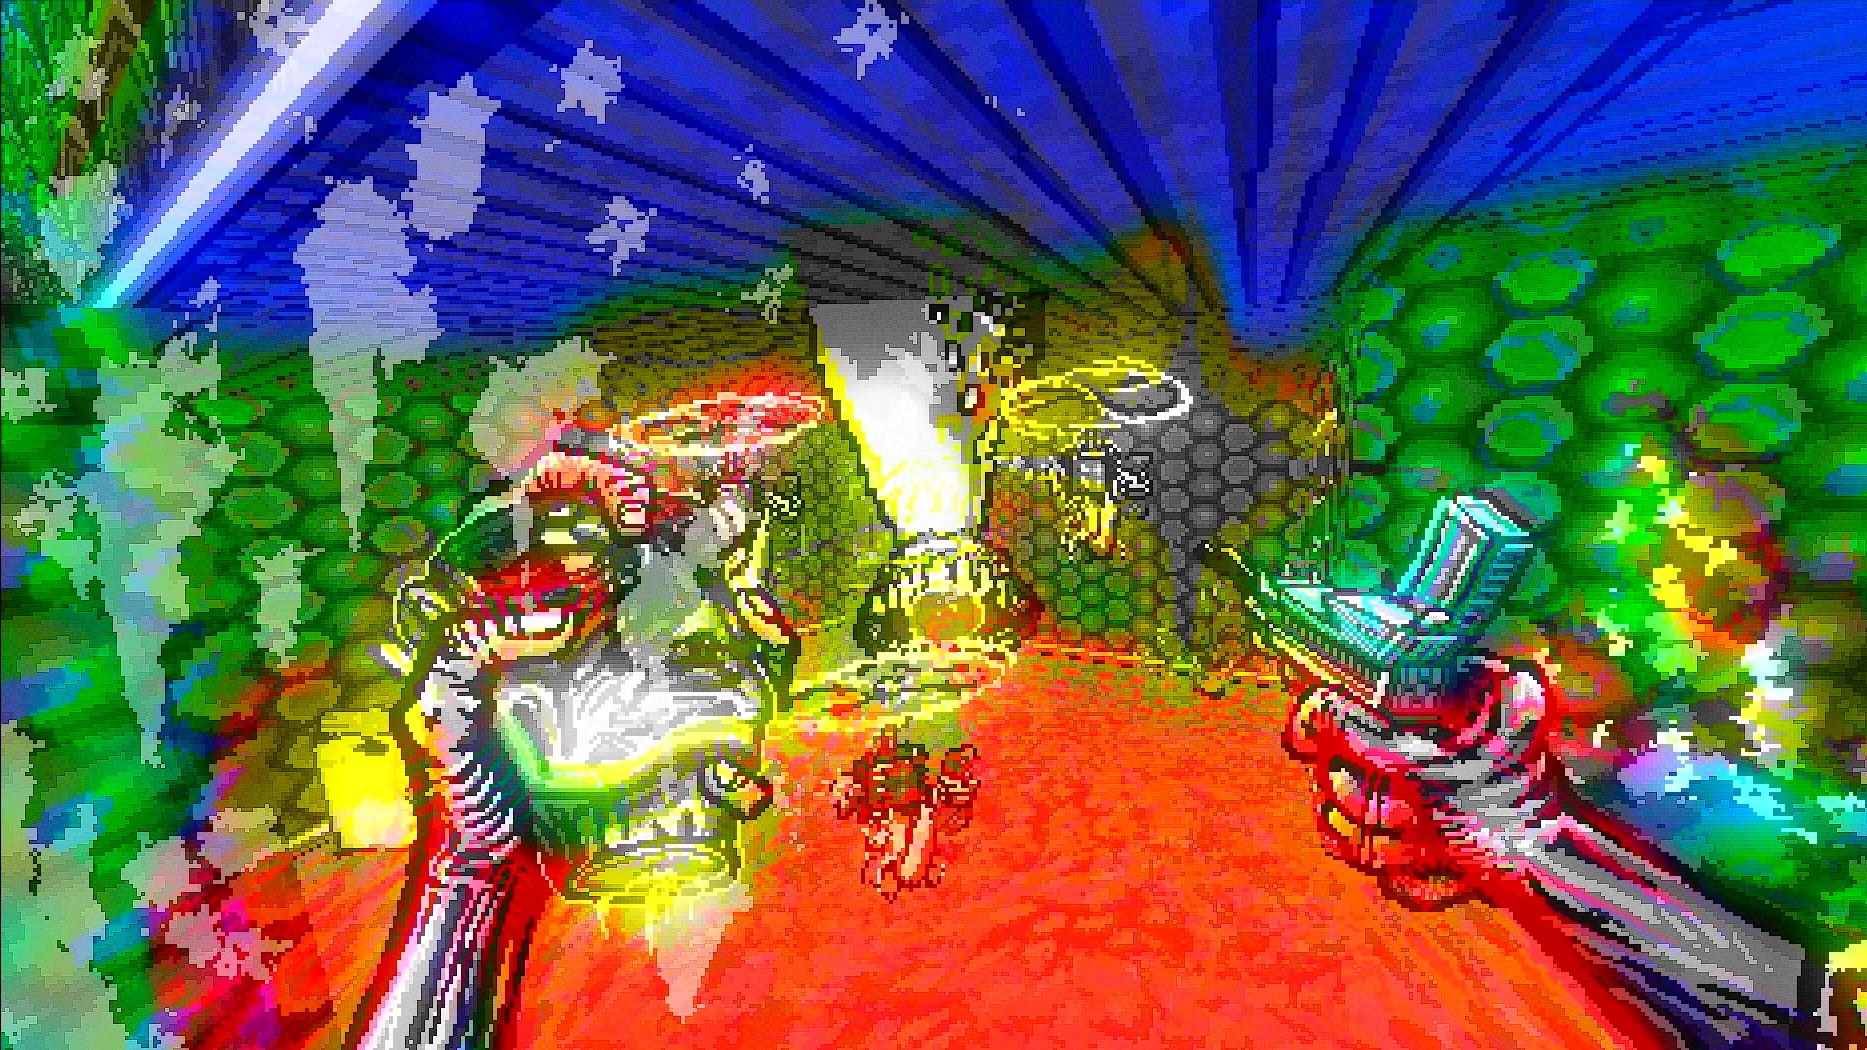 El jugador se enfrenta a una boca en un tentáculo cuando sale del techo, y dos cosas con cuchillas flotantes.